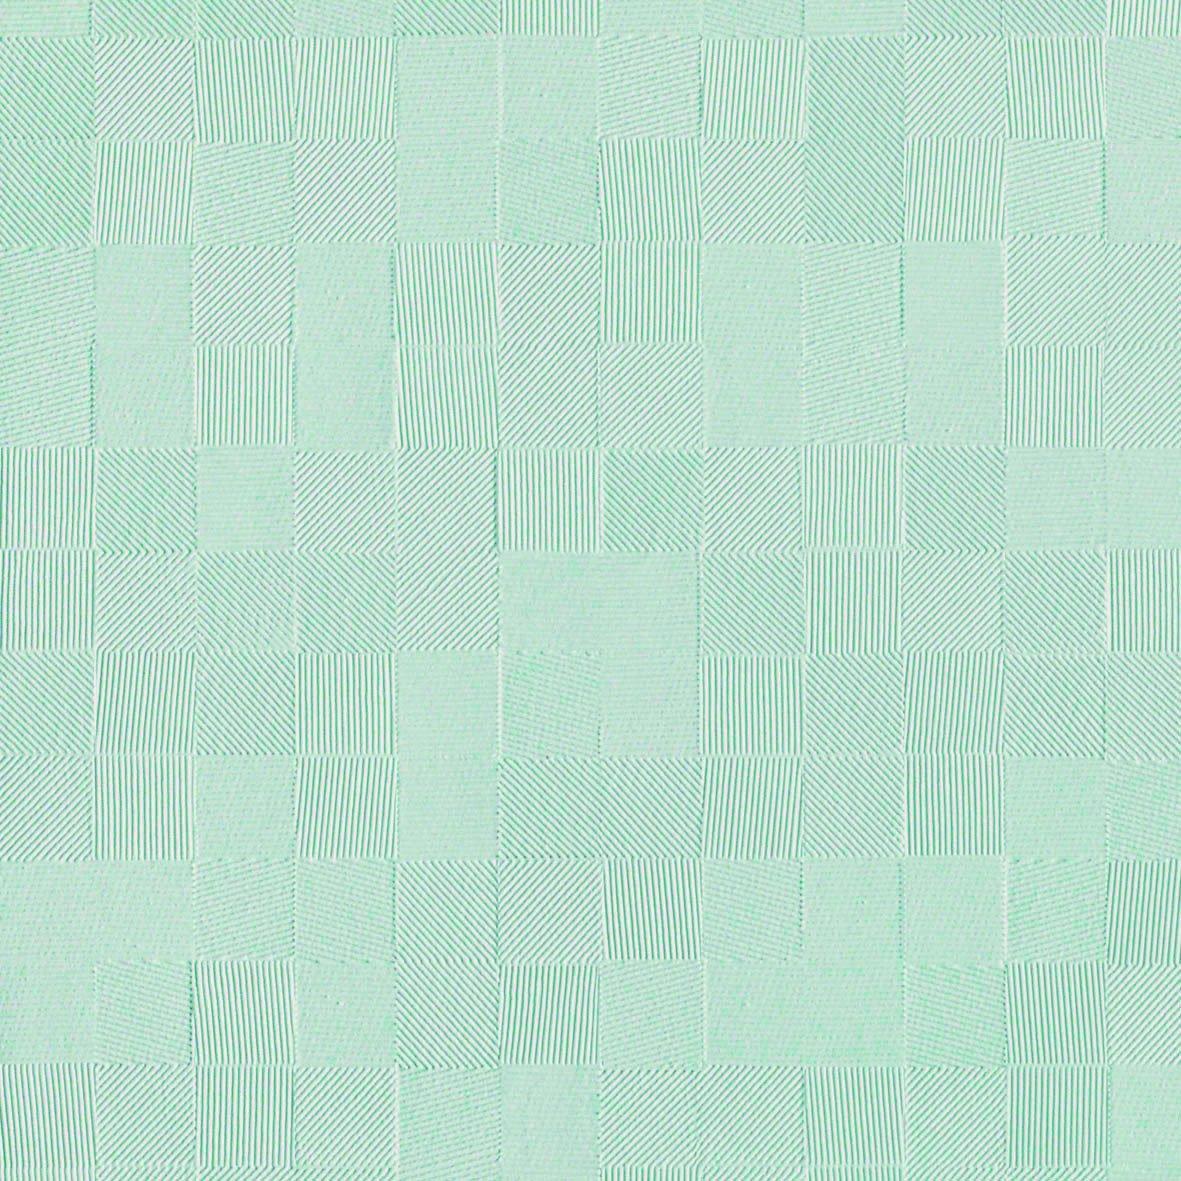 リリカラ 壁紙27m シンフル 石目調 ブルー LL-8423 B01N3KWGYI 27m|ブルー